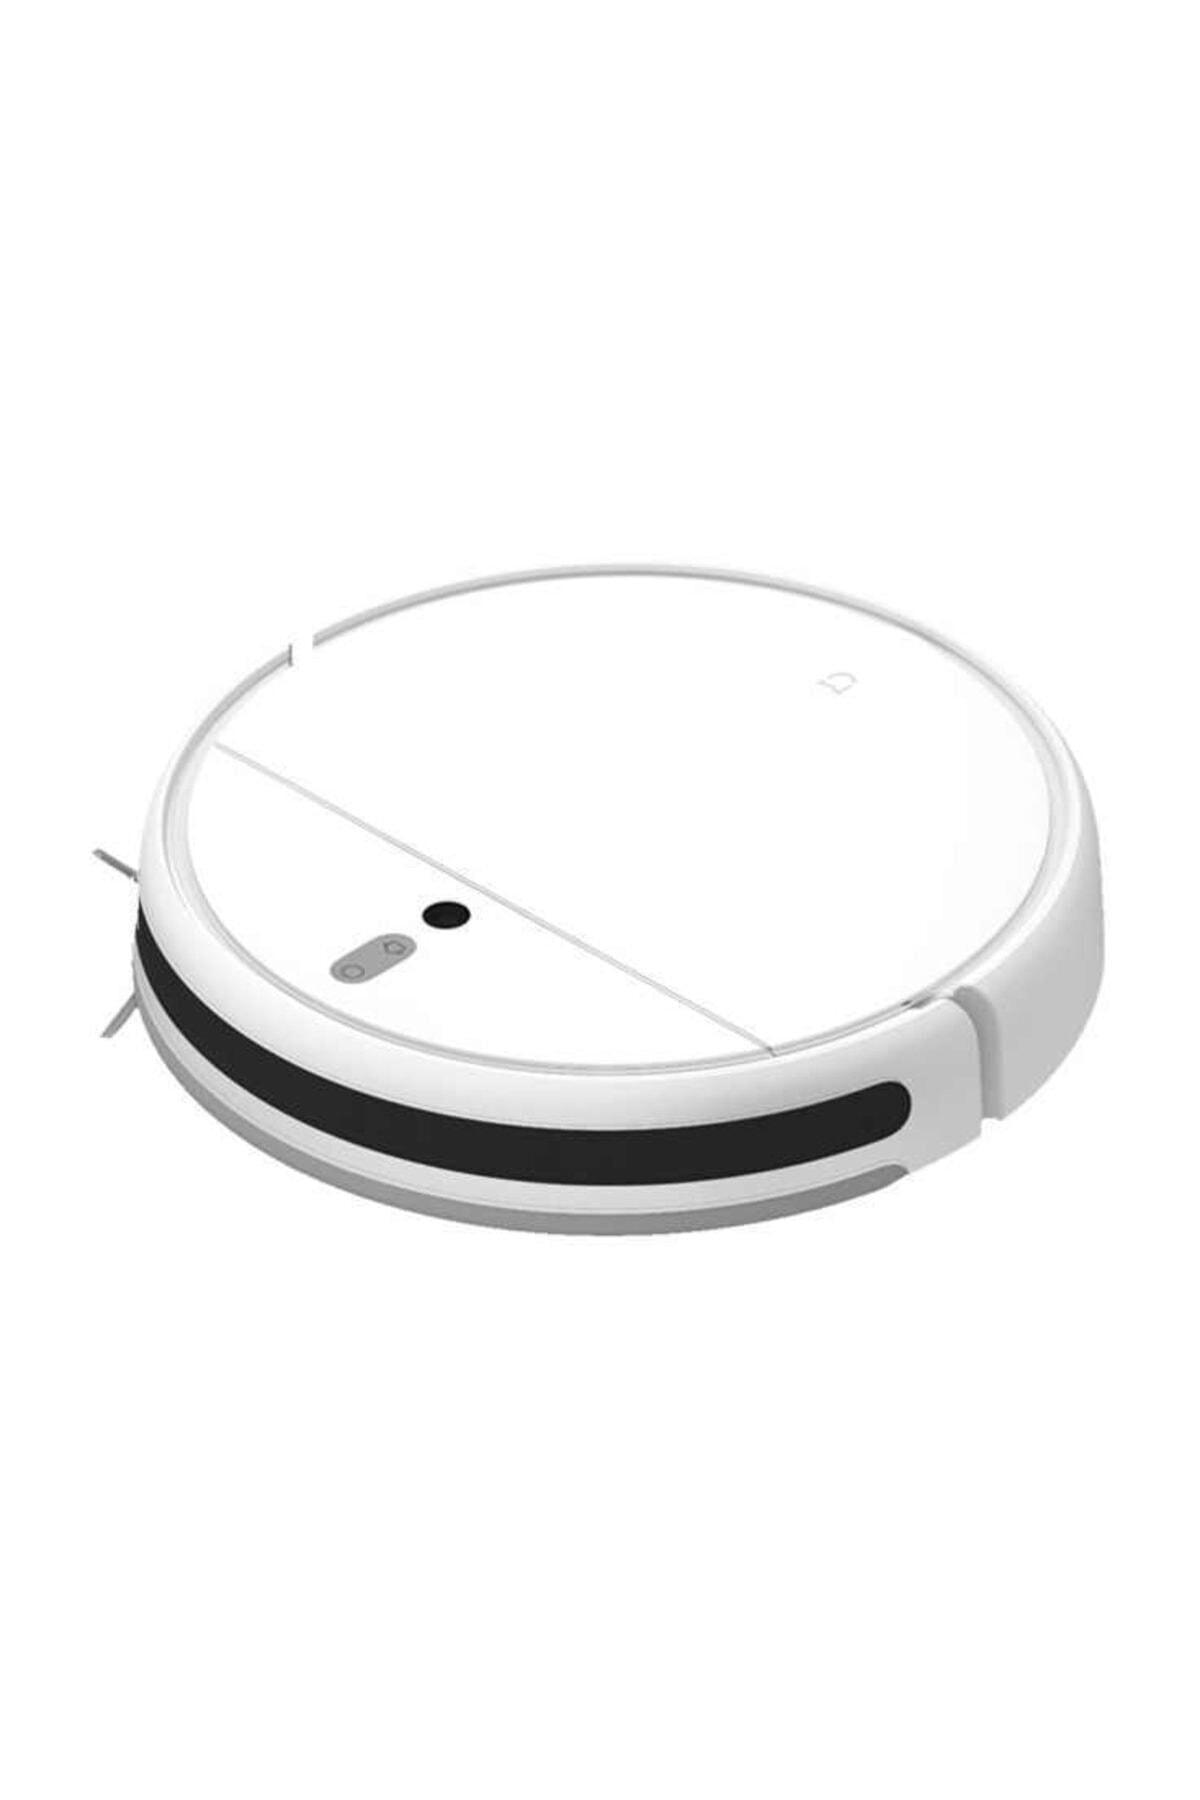 Xiaomi Mi Robot Vacuum Mop - Kablosuz Süpürge 1